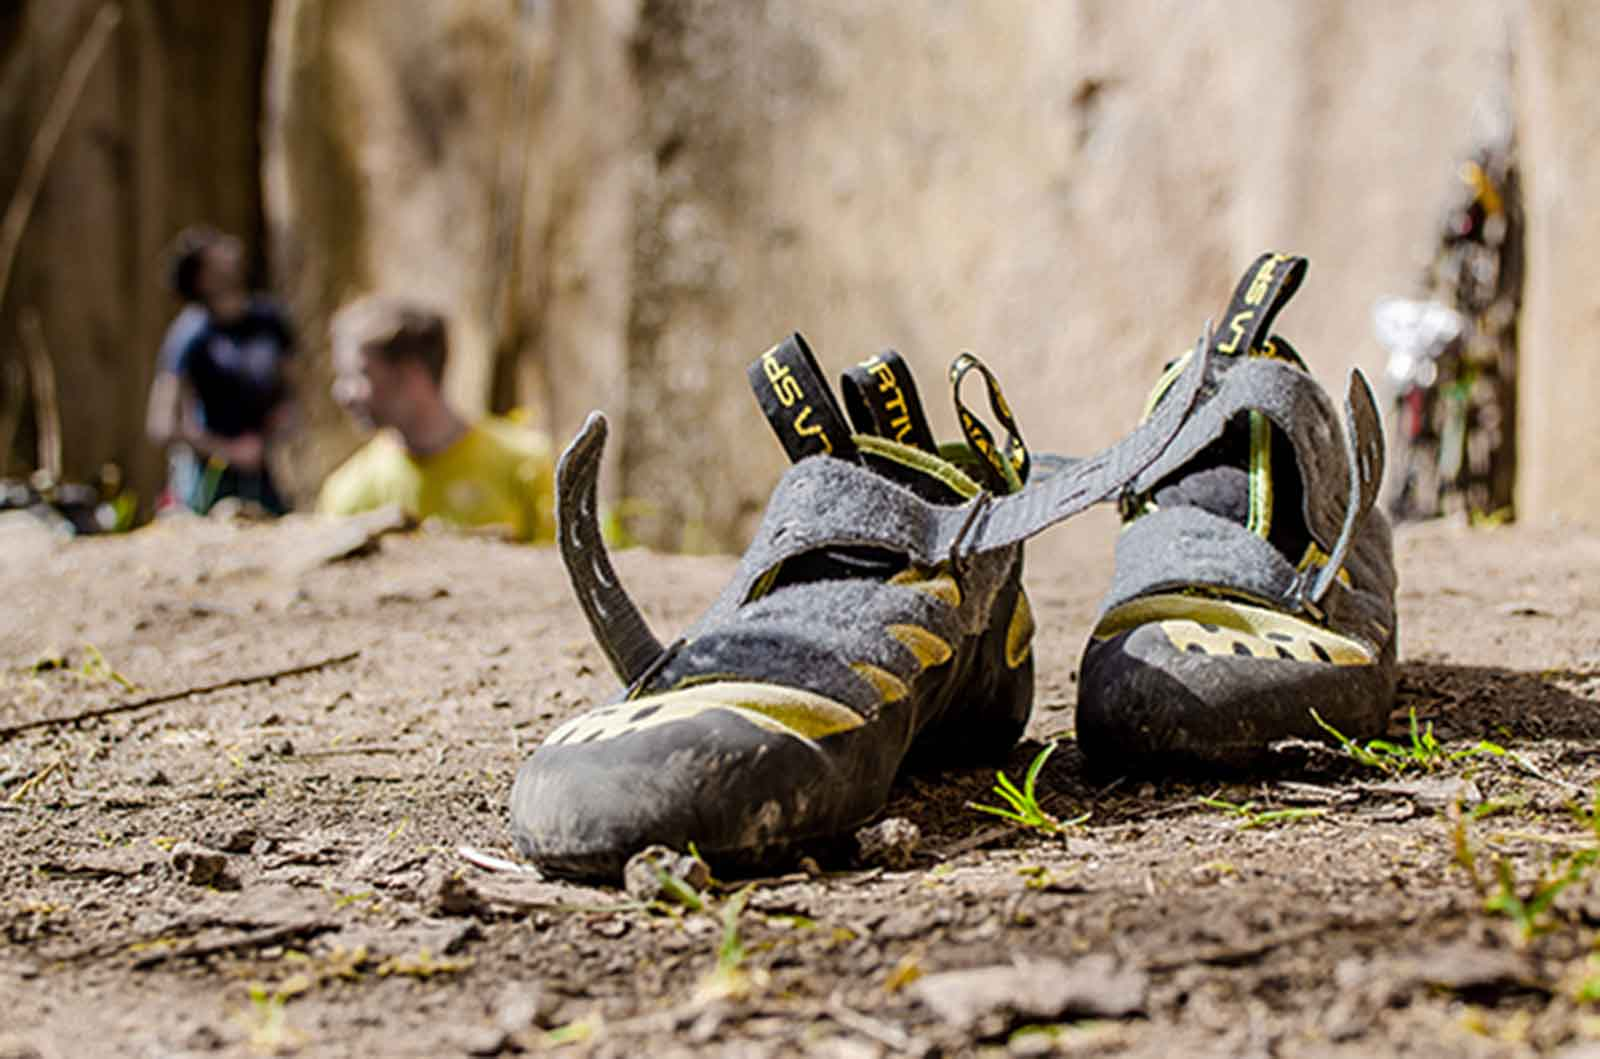 Beginner Bouldering Shoes